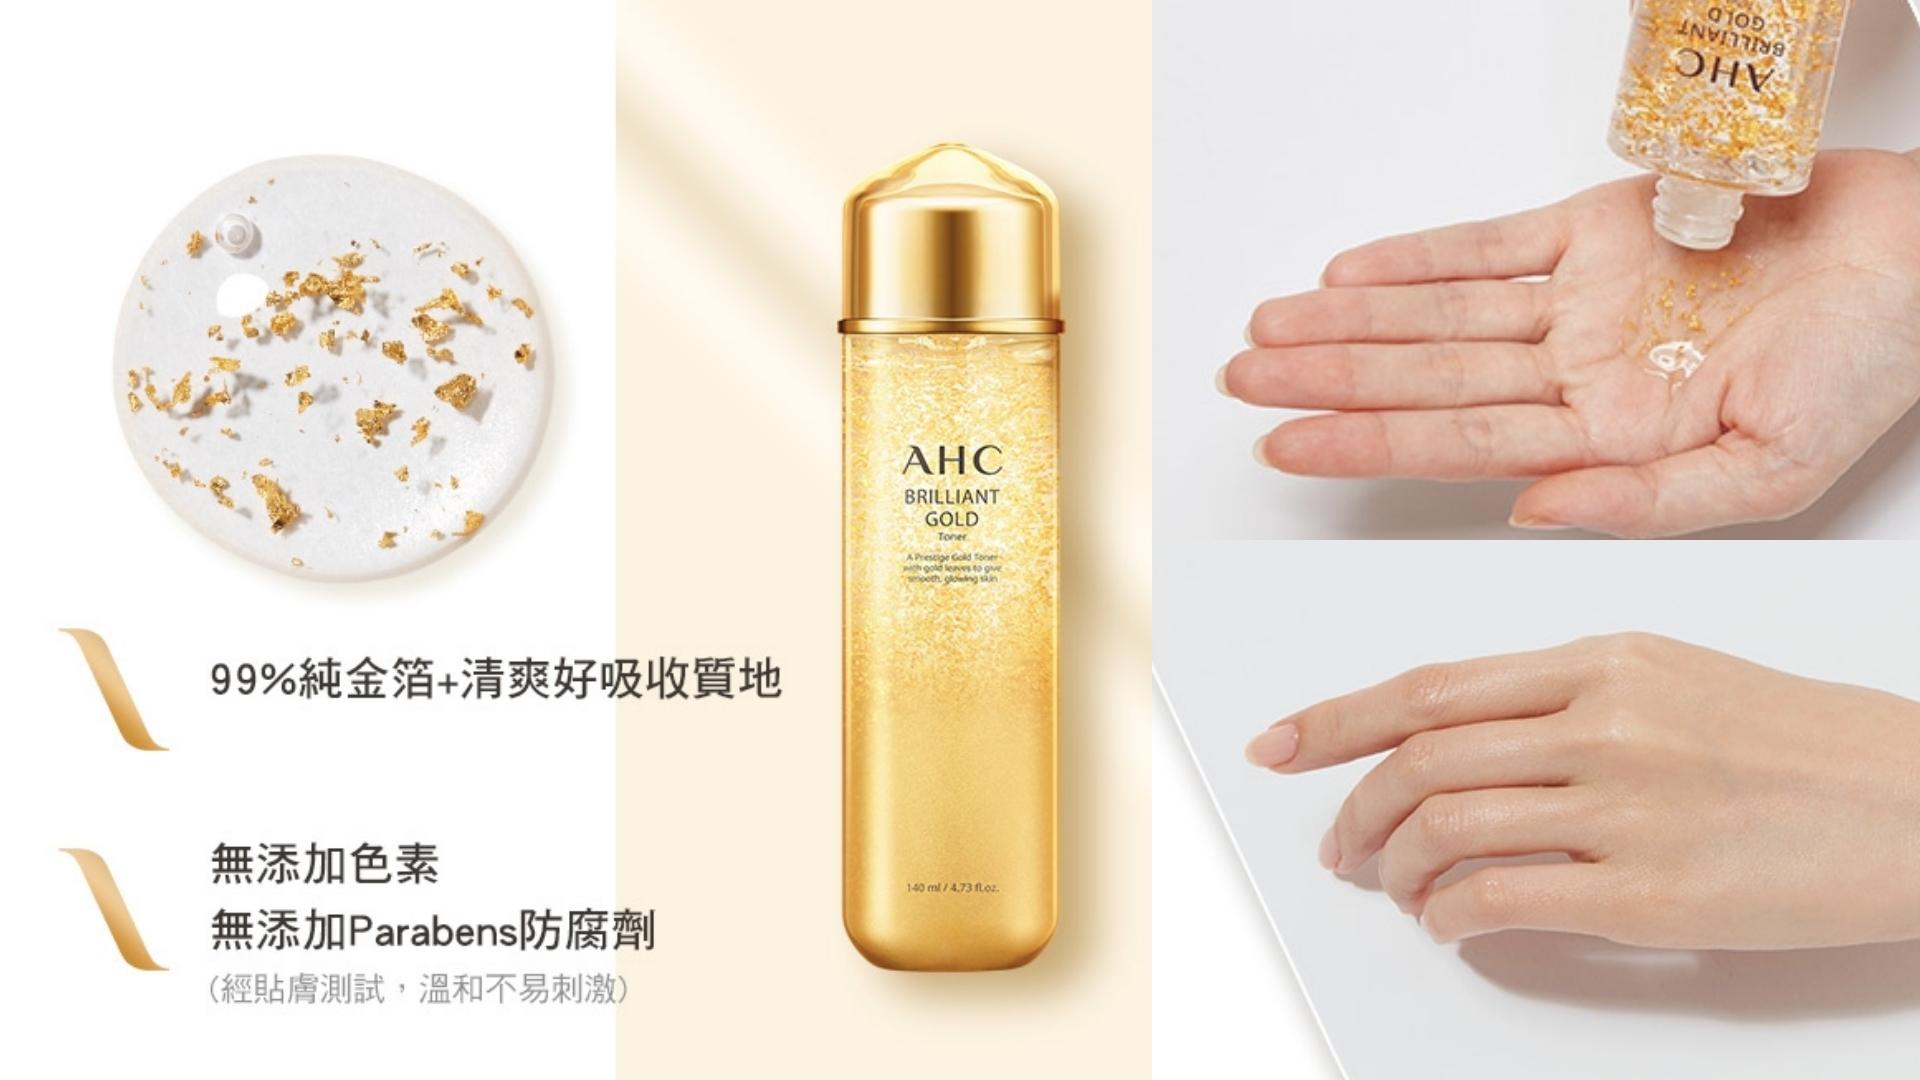 裡面含有黃金成分維持肌膚光滑水潤、以及蝸牛萃取高效潤澤,更含有高保濕因子葡聚醣帶給肌膚豐富水分